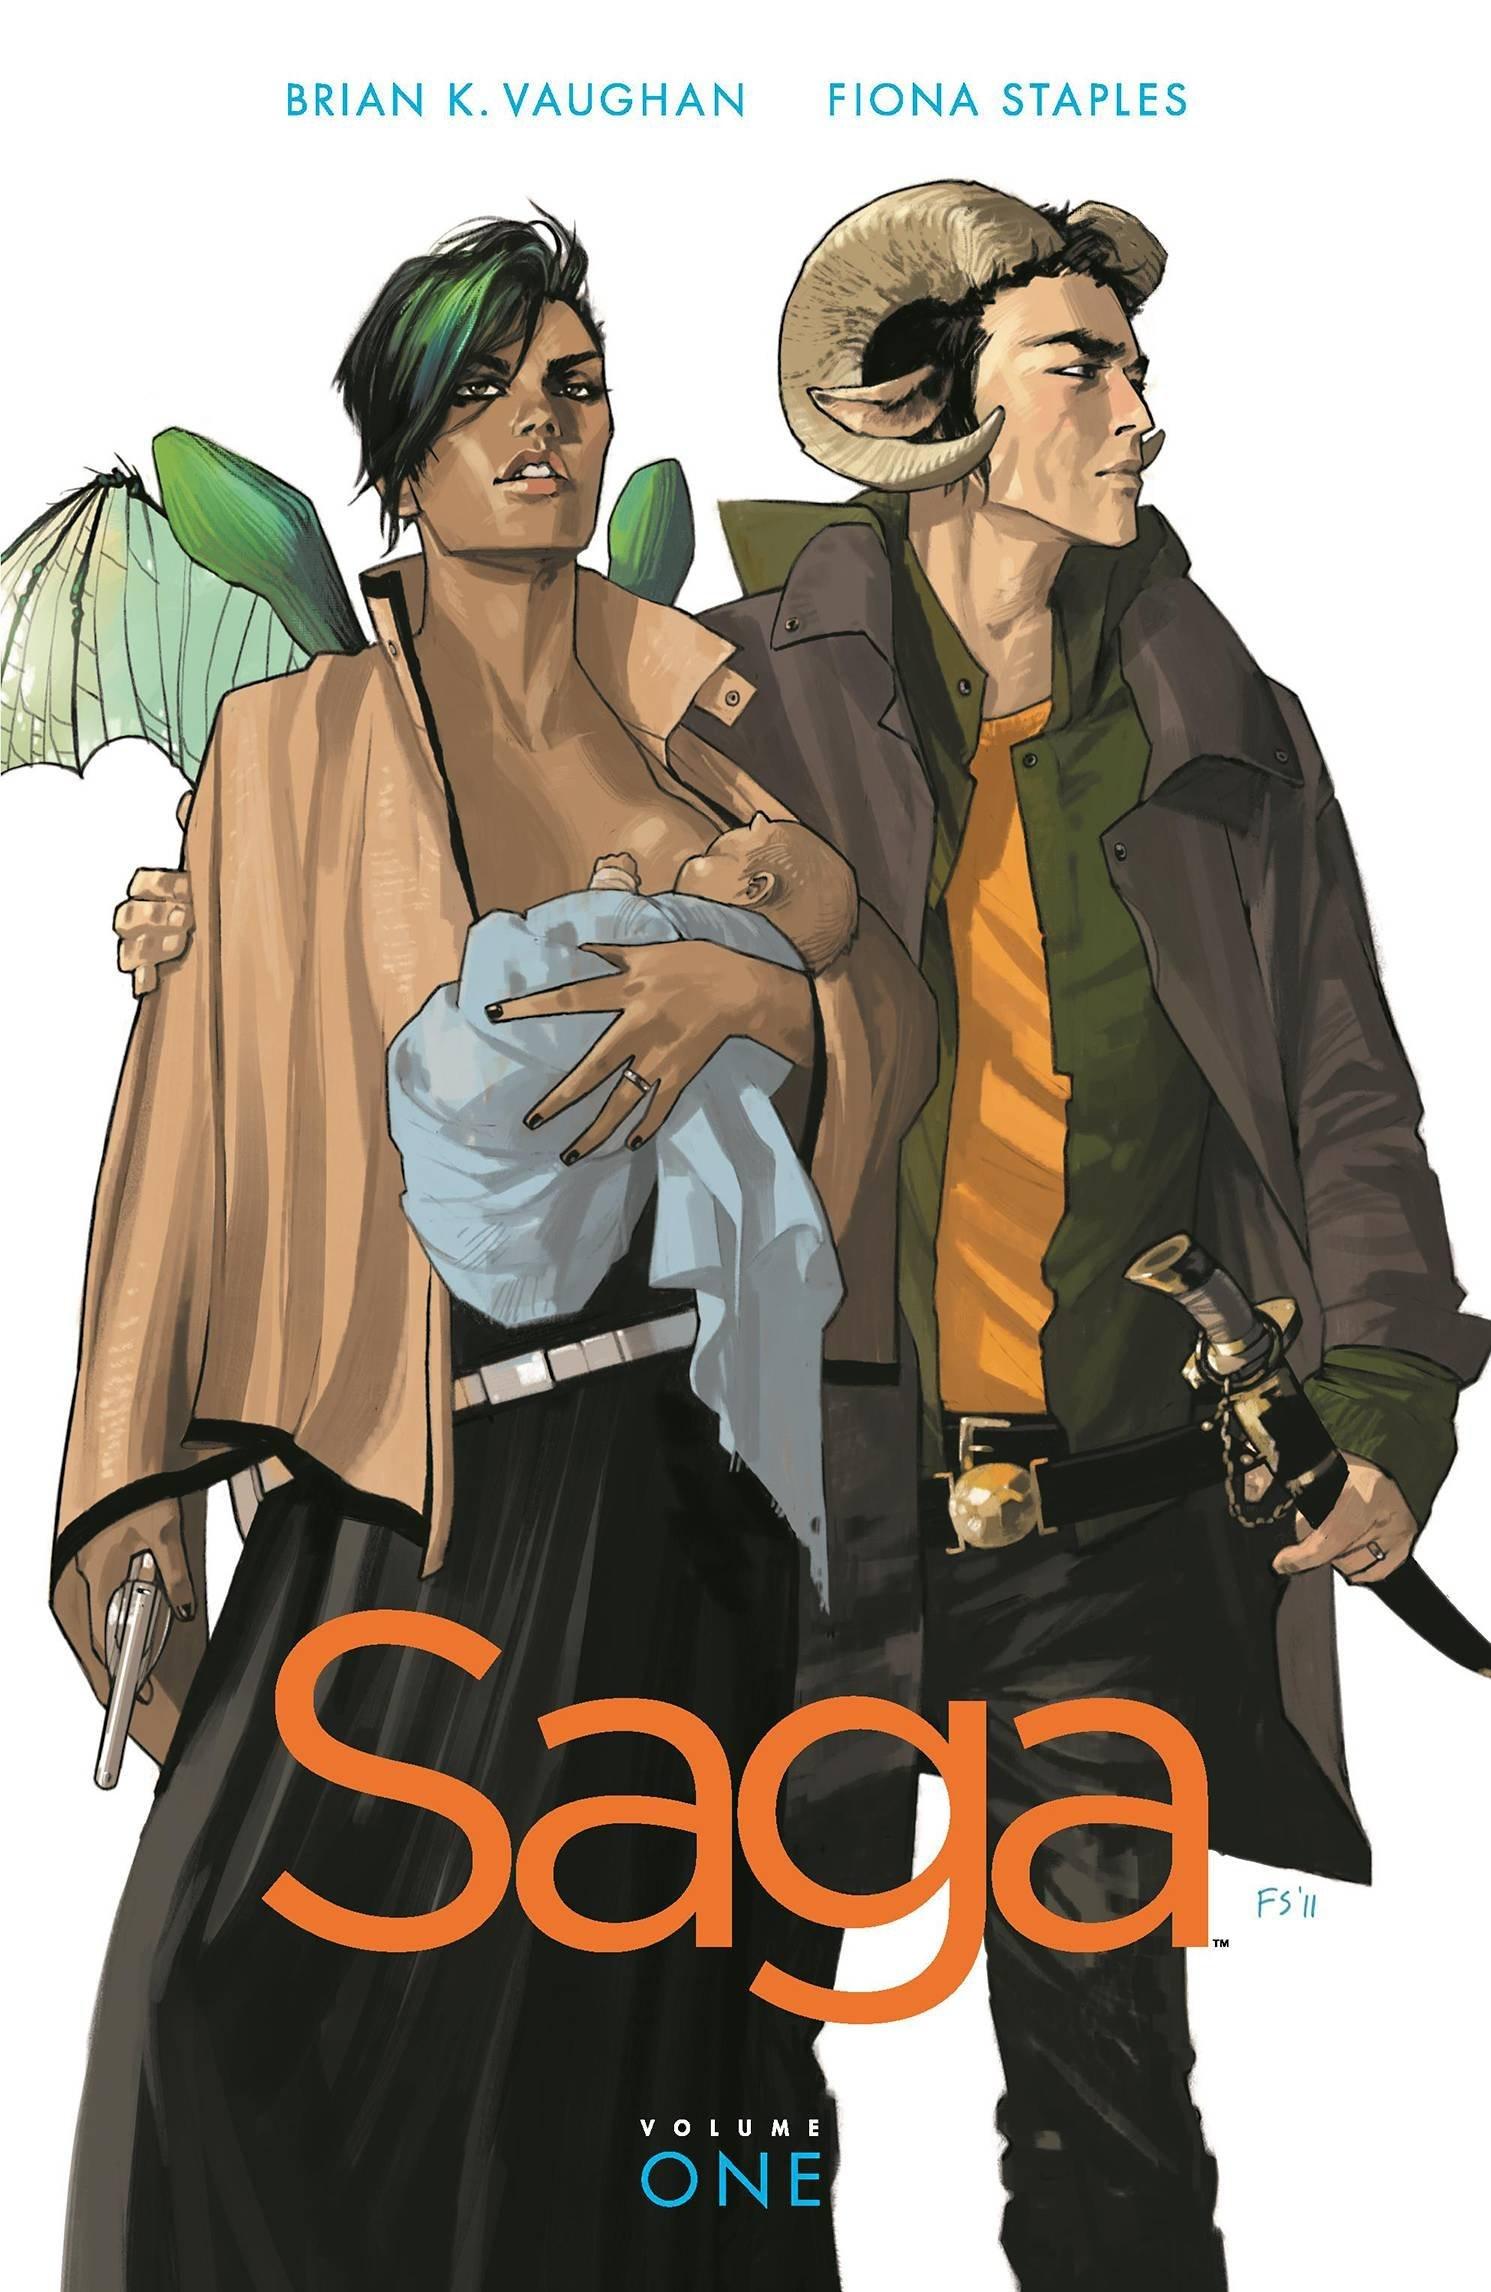 Amazon.com: Saga, Vol. 1 (8601404214264): Brian K Vaughan, Fiona Staples:  Books